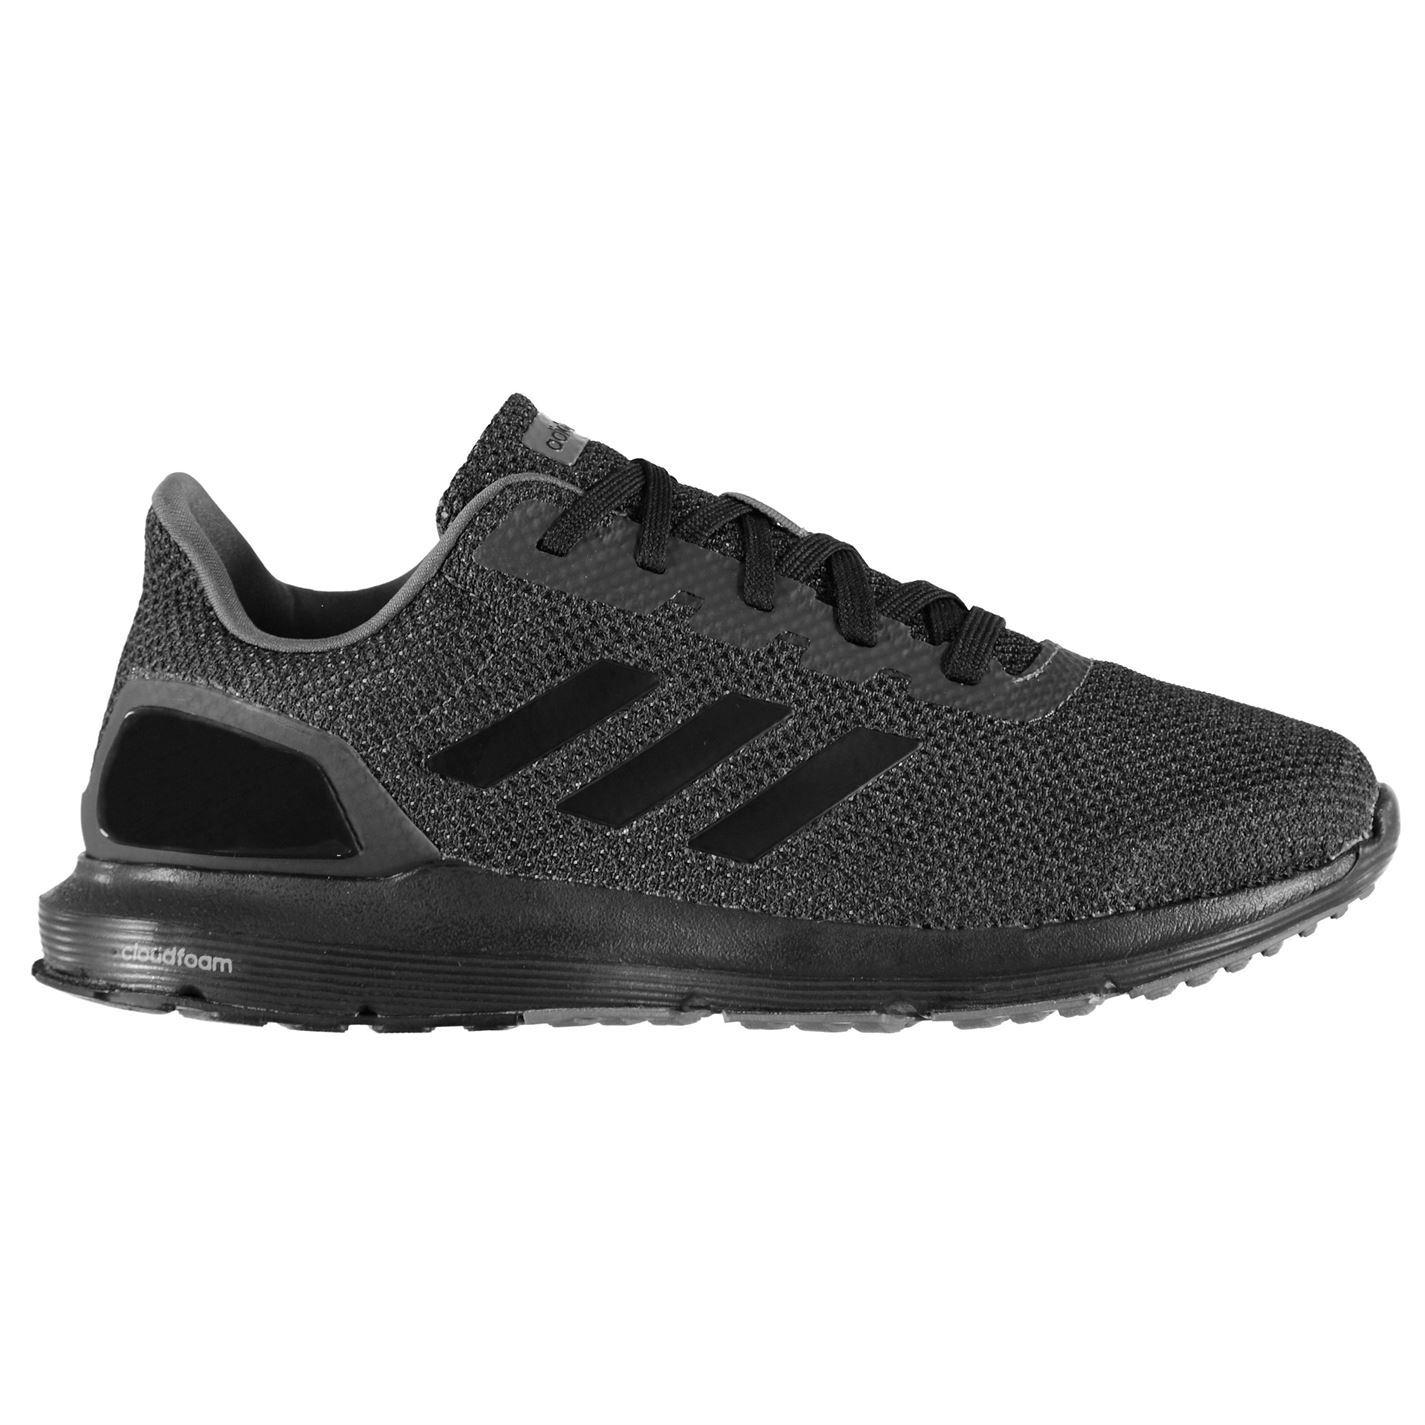 Adidas Uomo cosmico 2 formatori corridori merletto respirabile caviglia collare collare caviglia imbottito de97e8